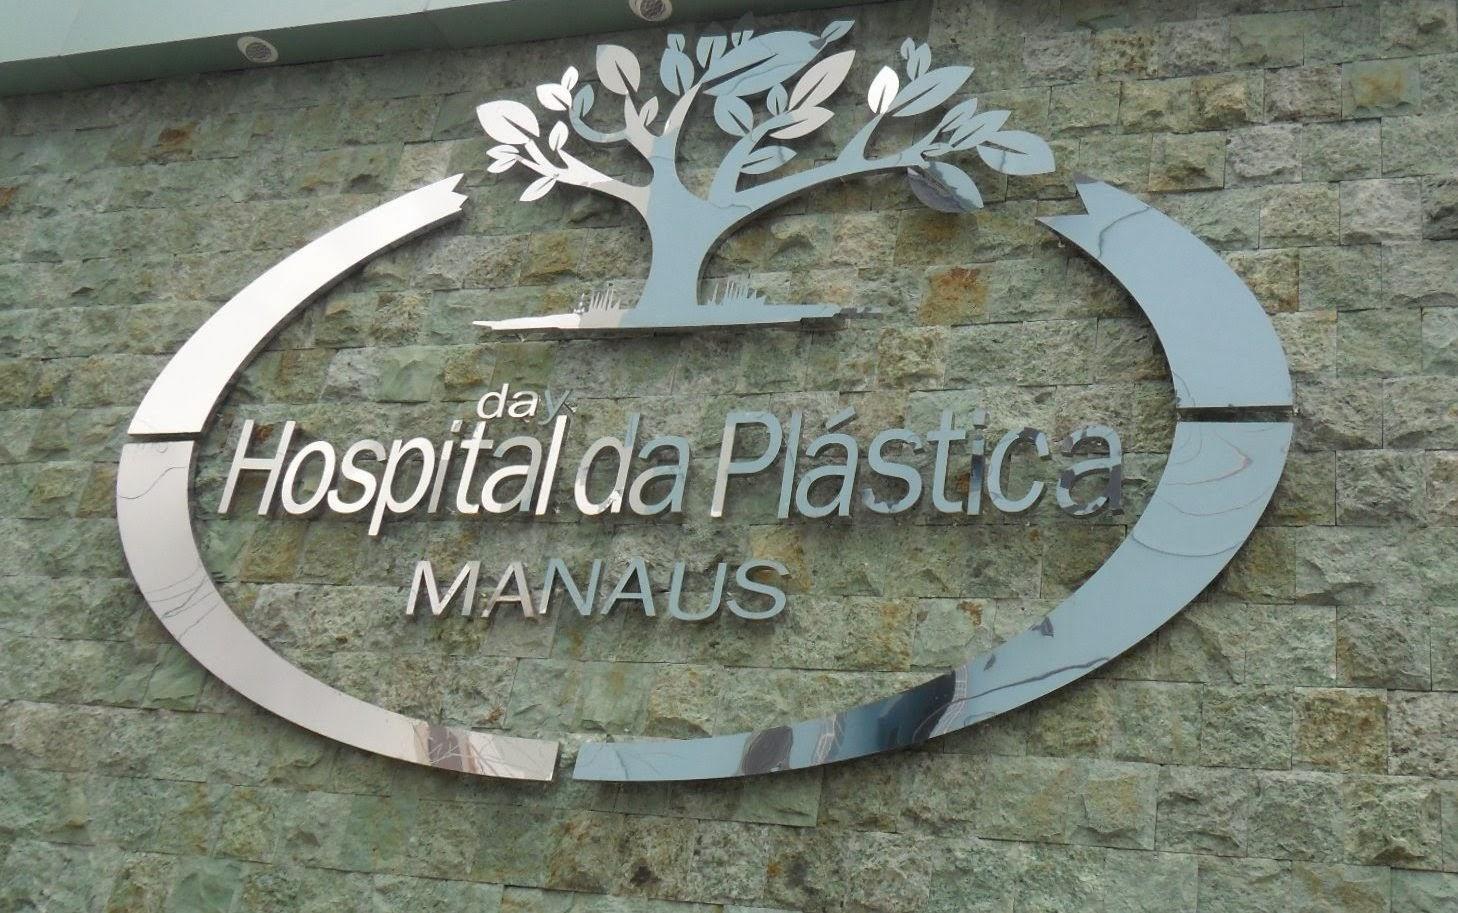 Hospital da Plastica Manaus